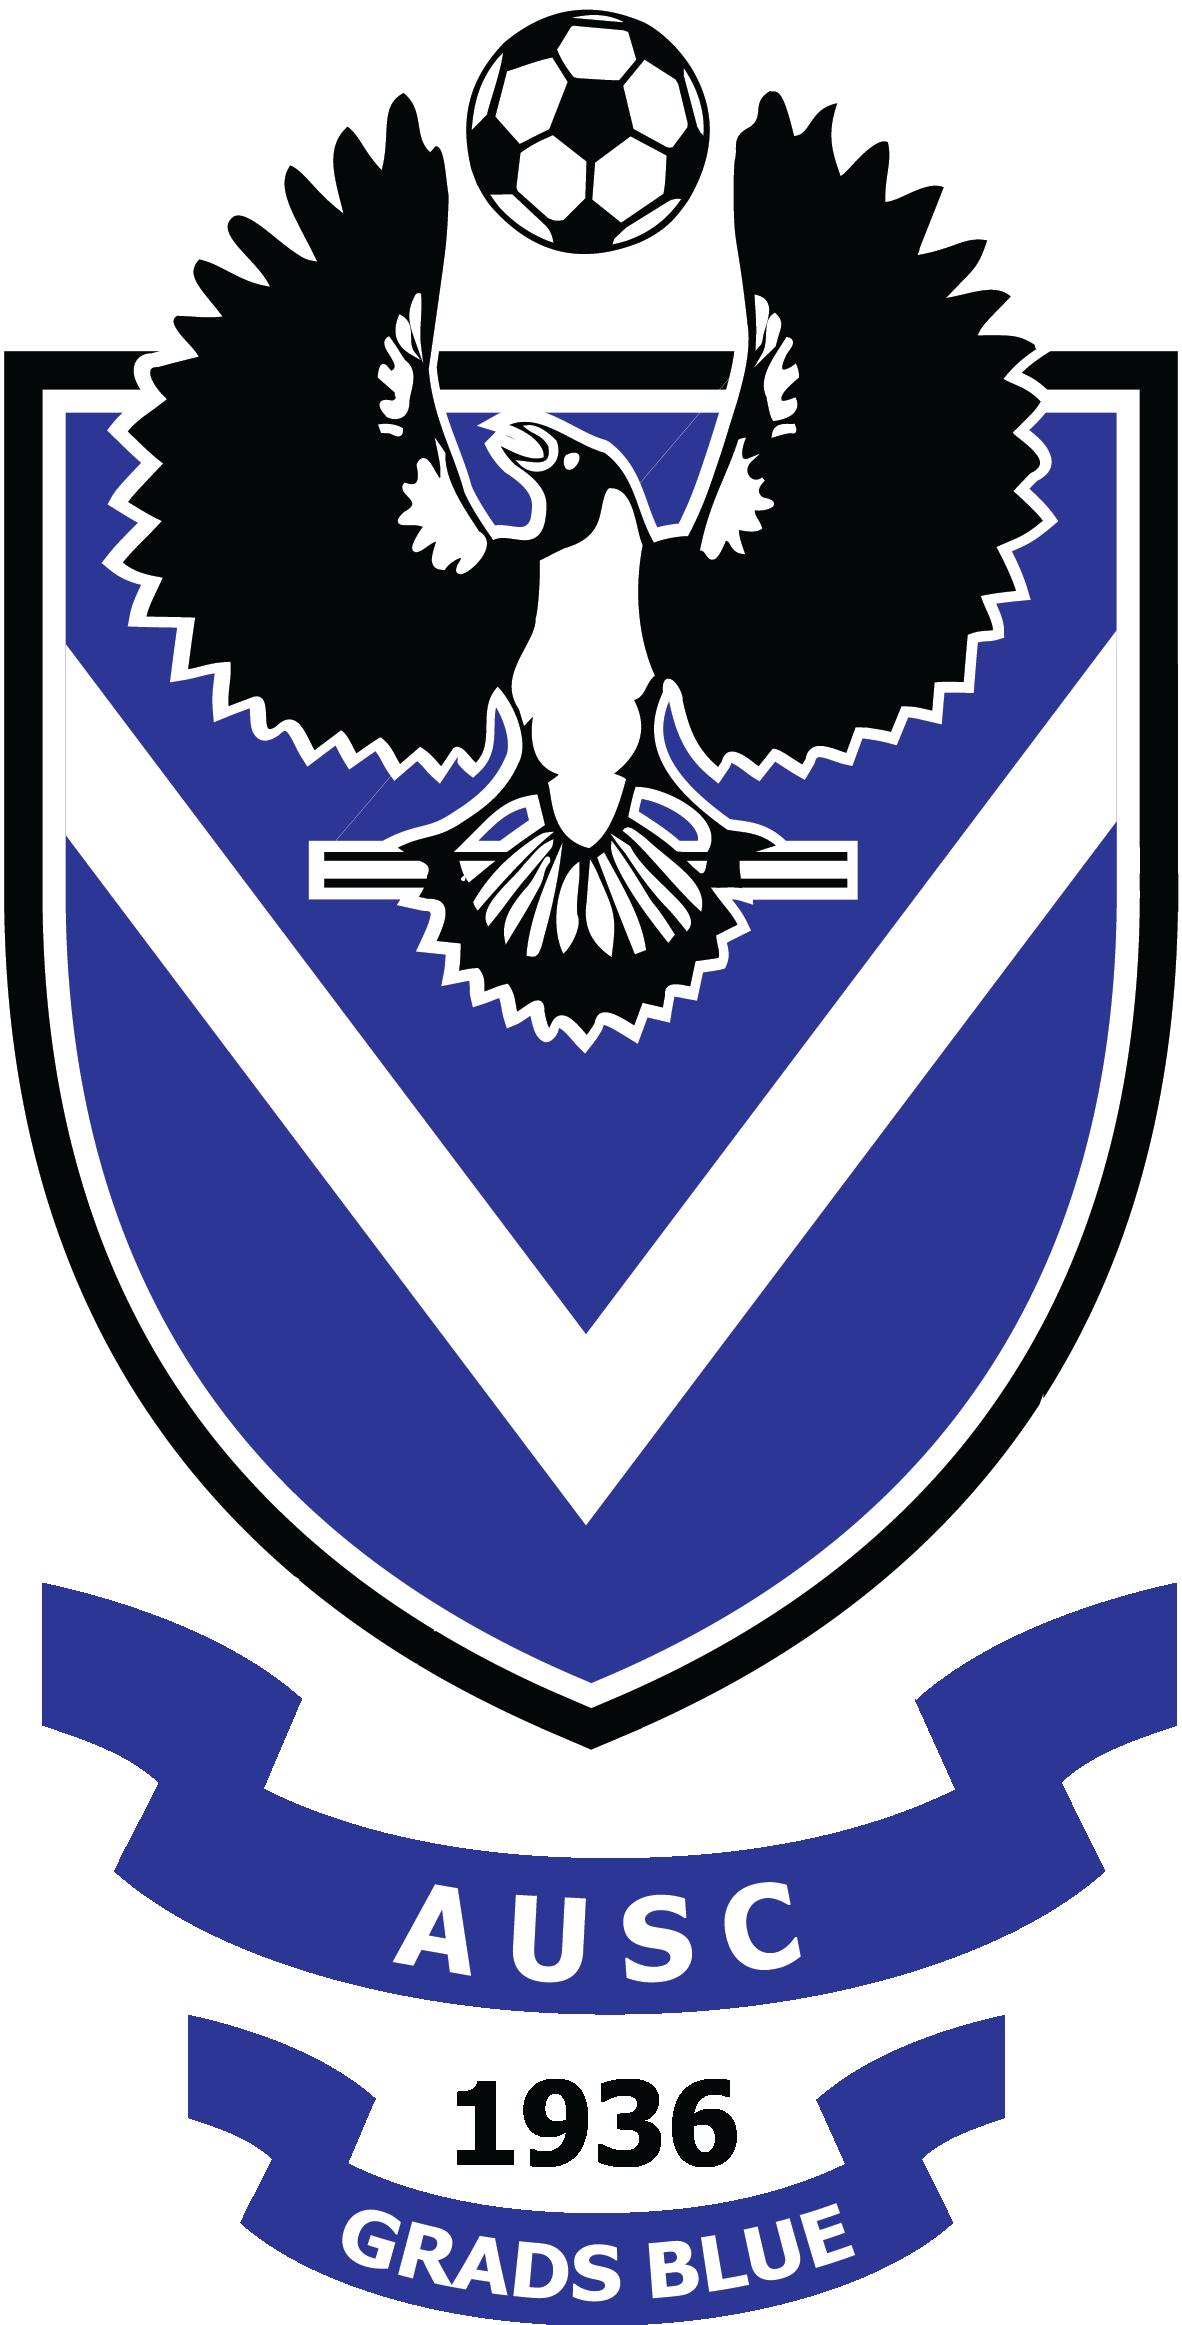 AUSC Graduates Blue logo